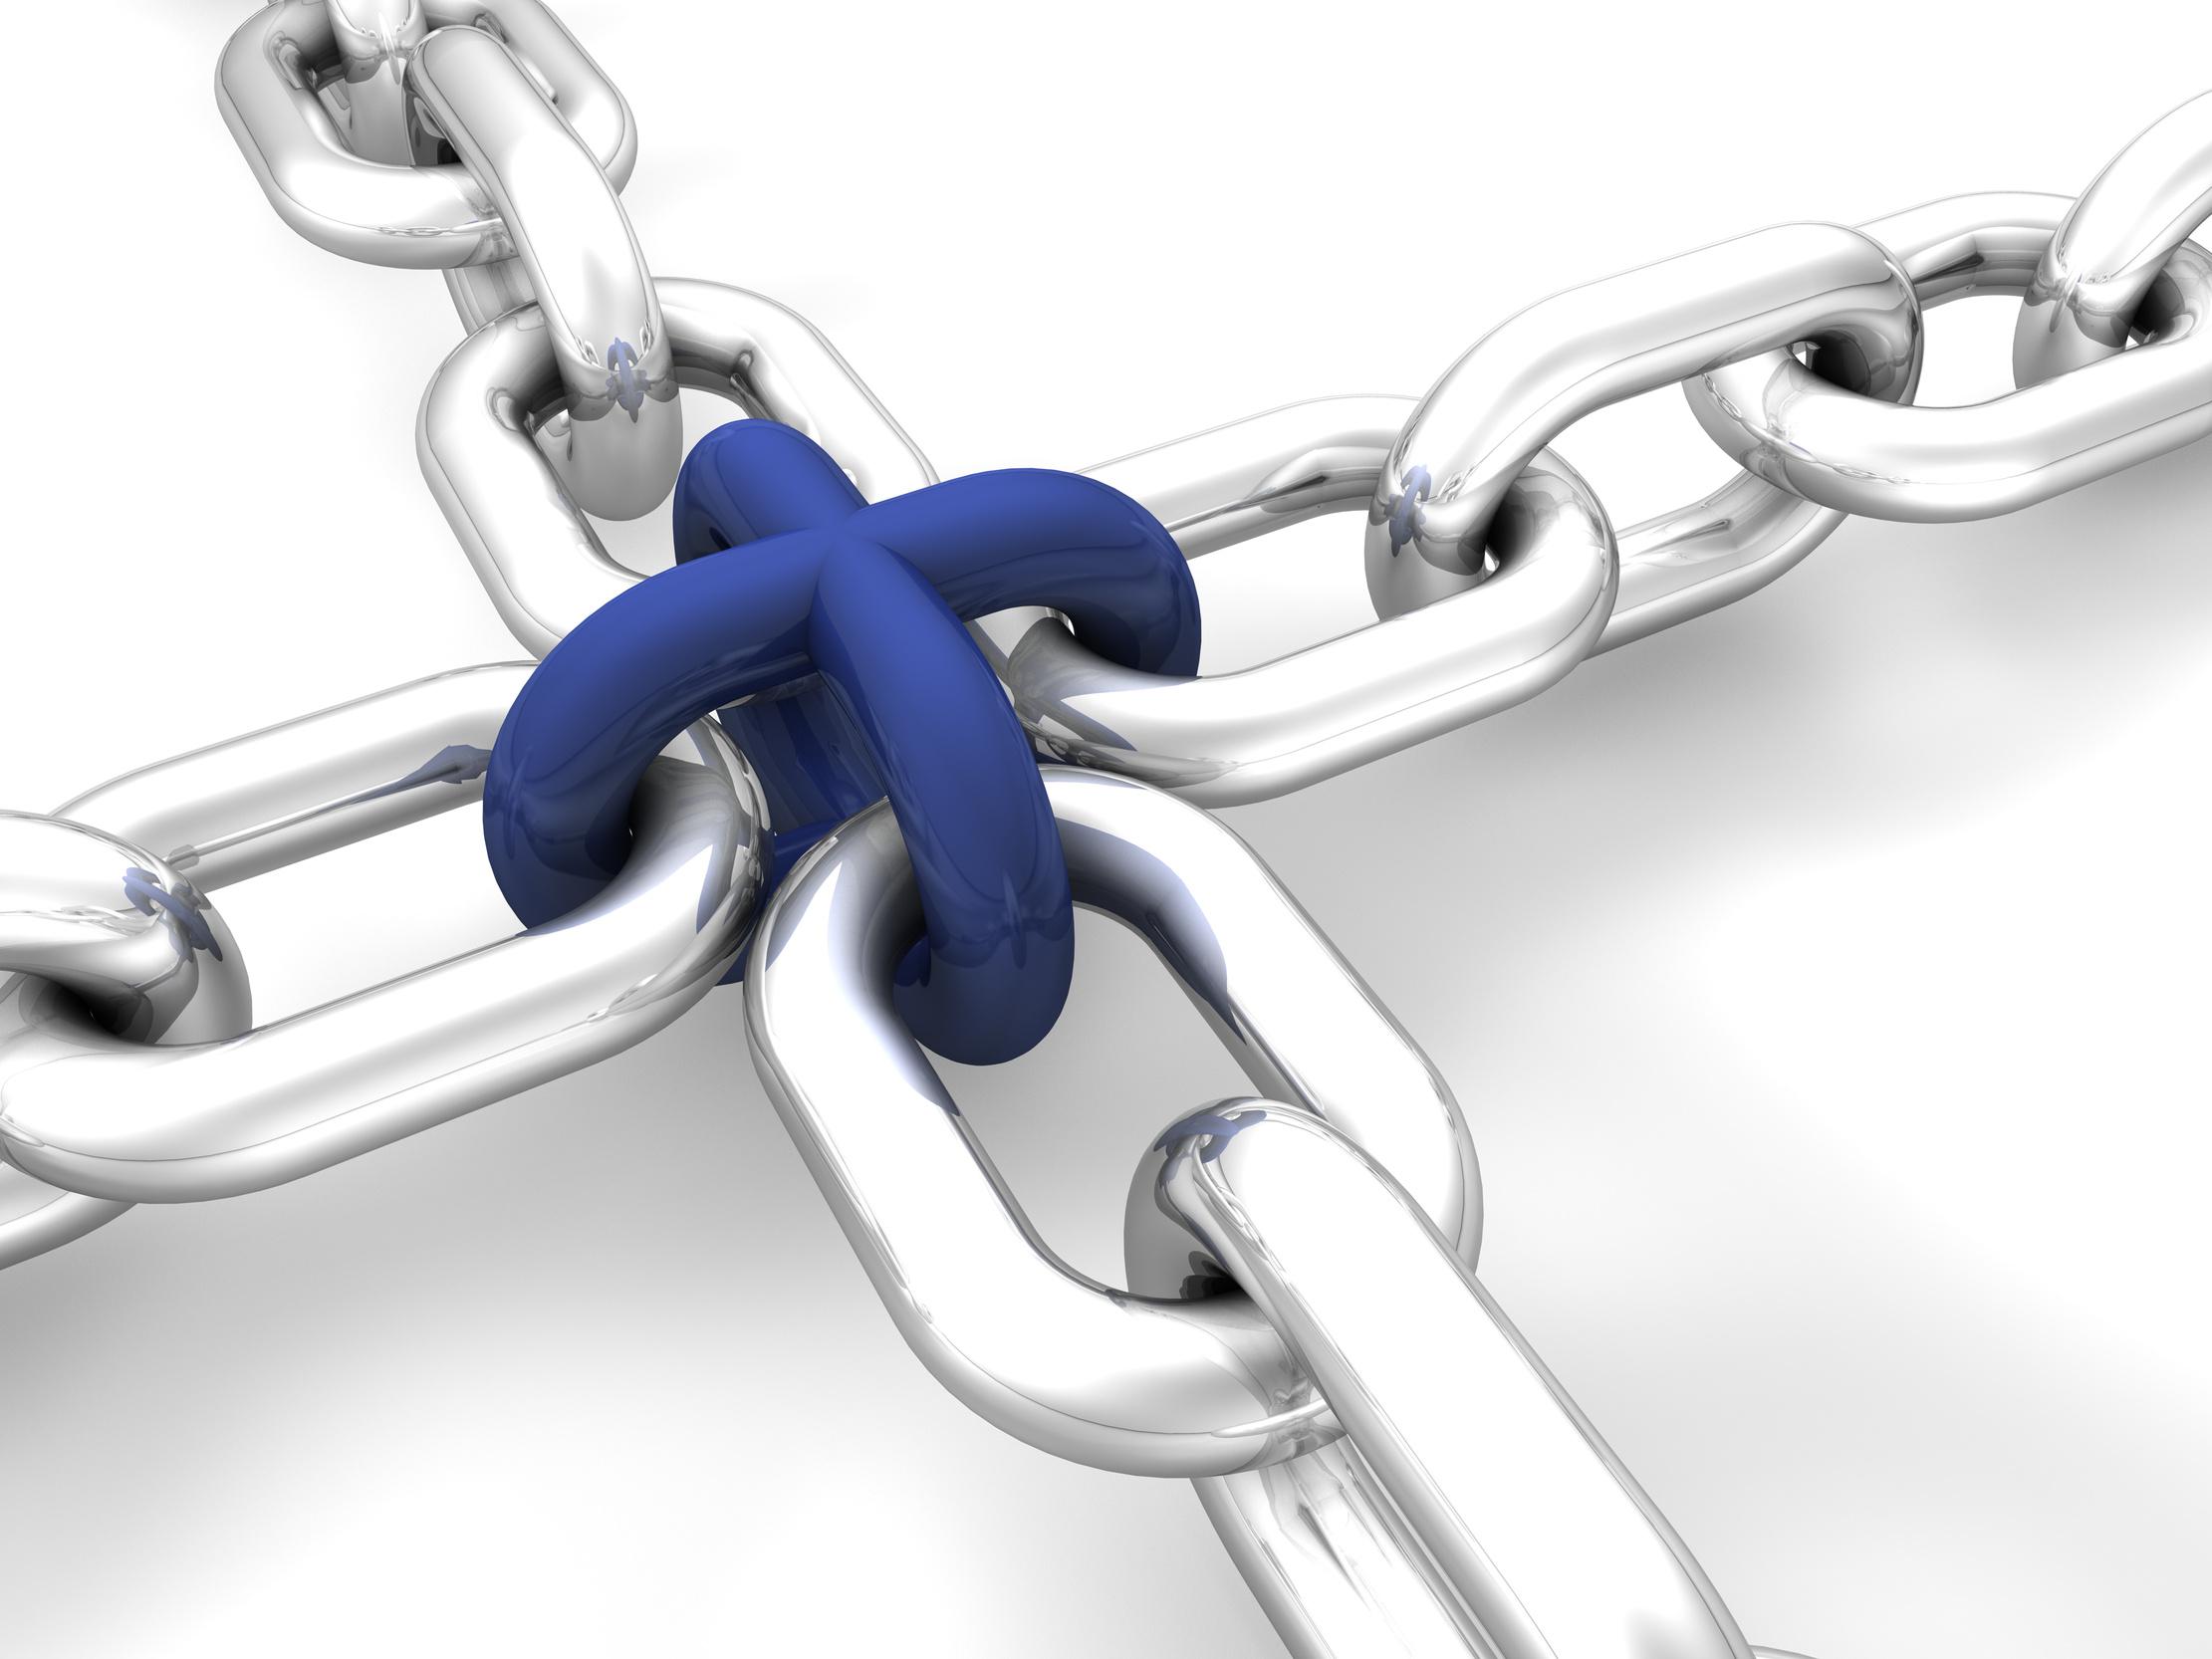 Dù thế nào đi nữa, Backlink vẫn là một yếu tố quan trọng sắp xếp thứ hạng website